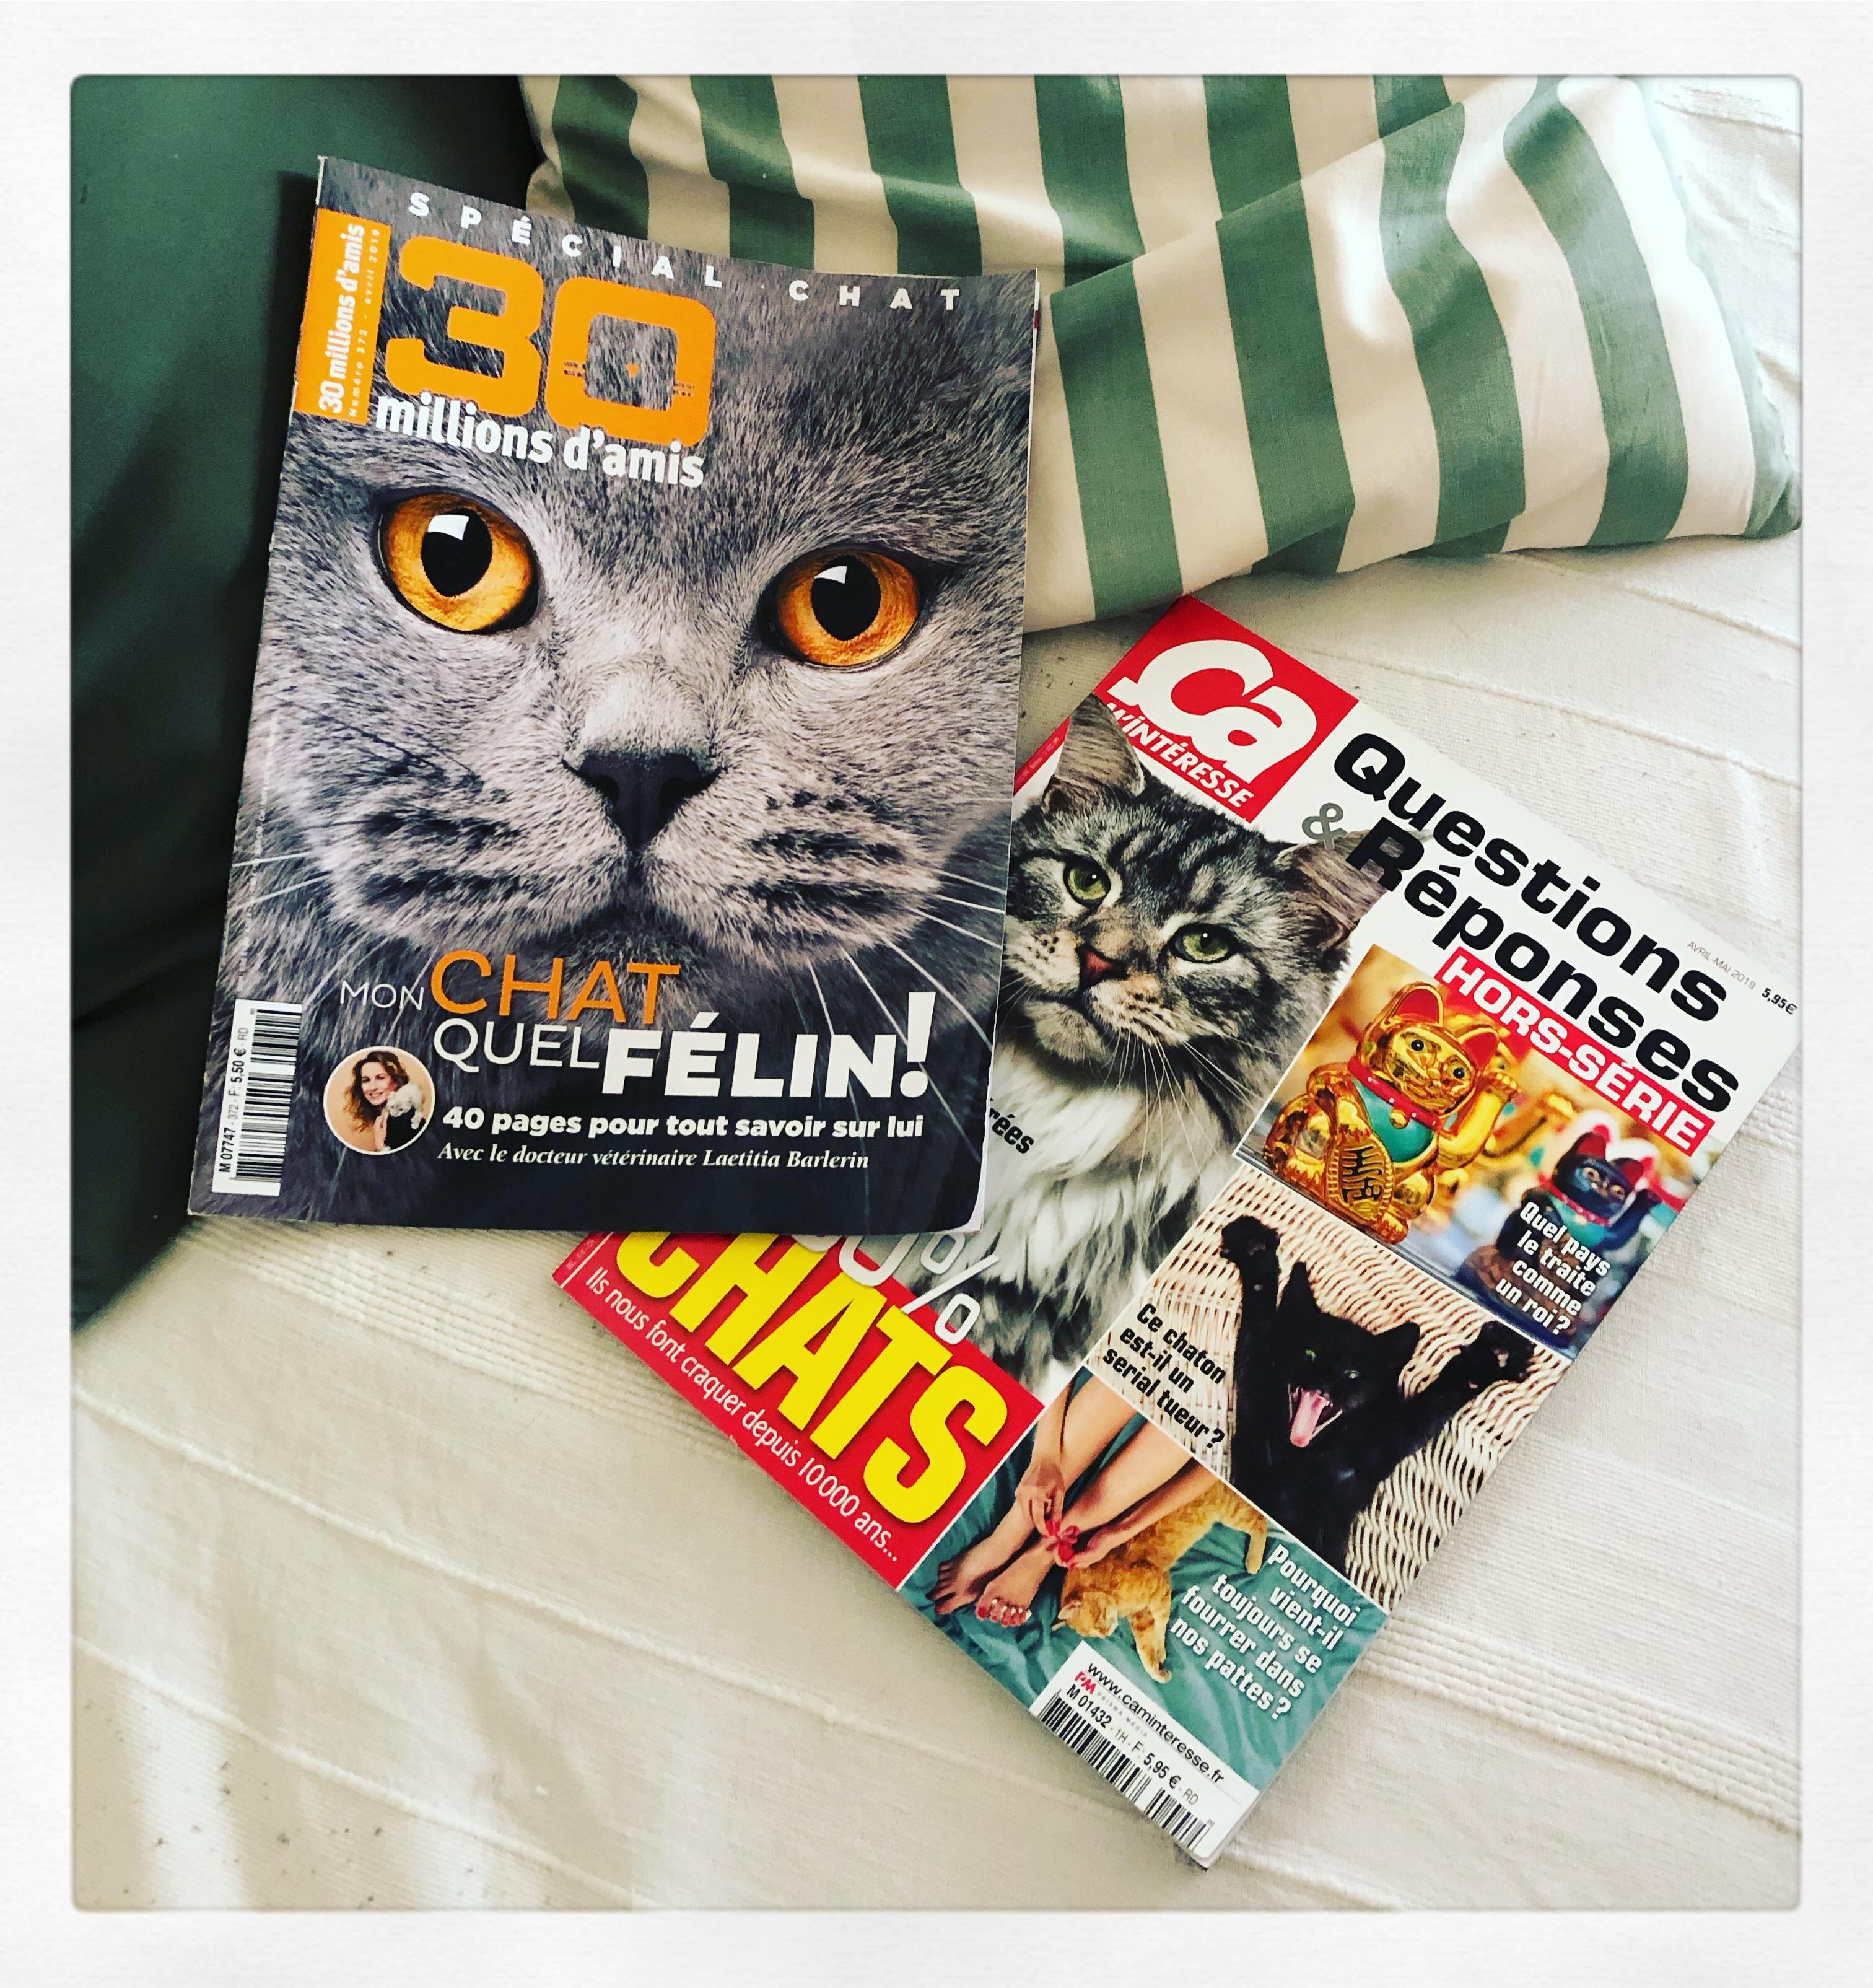 Hors séries Ca m'intéresse et 30 millions d'amis spécial chats